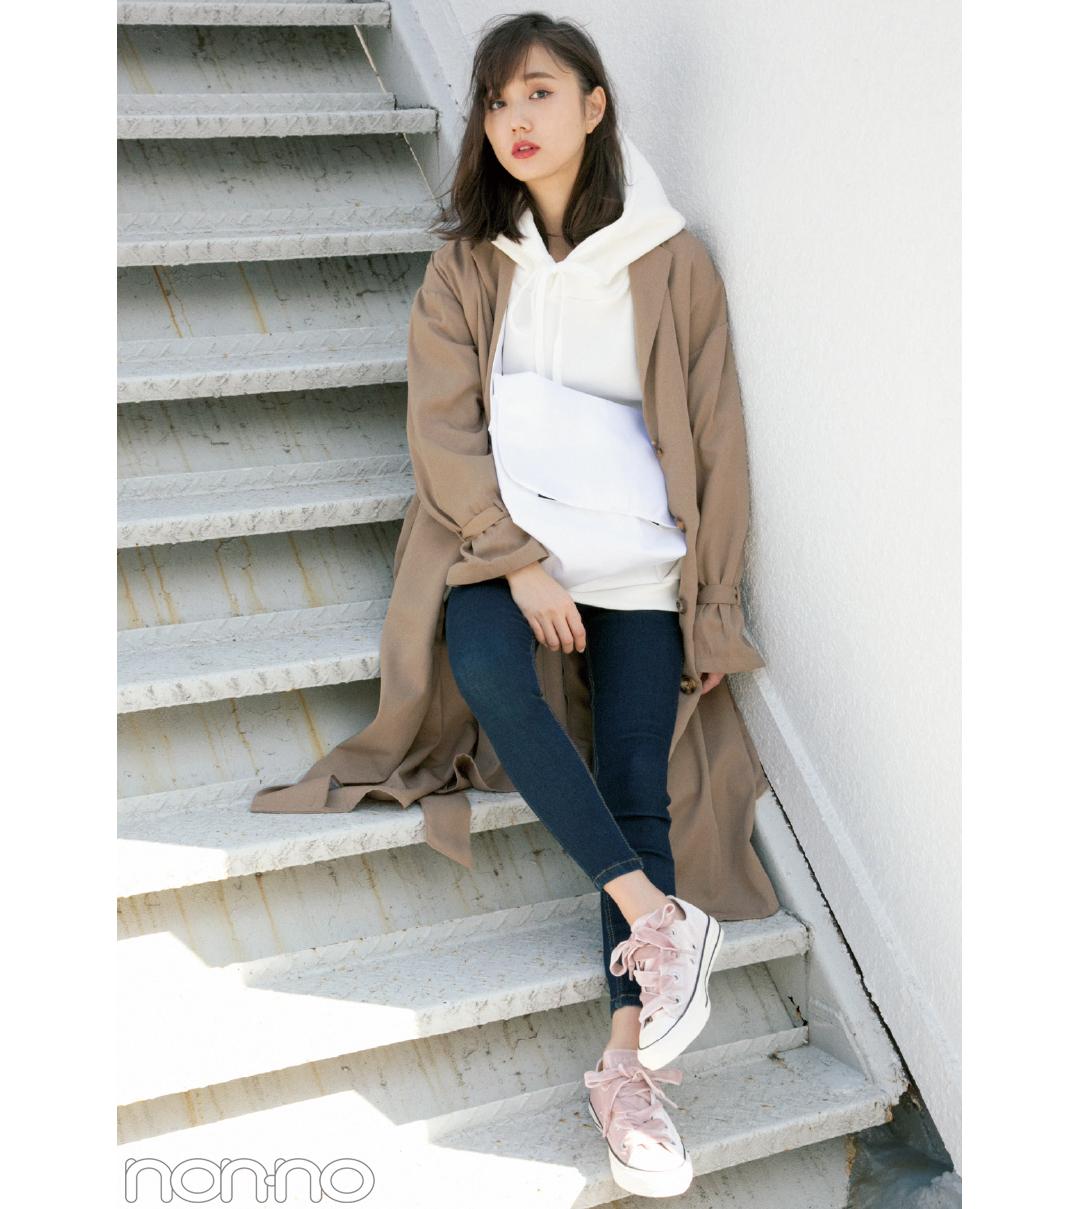 日本でも大人気の韓国スキニーデニム♡ chuuの-5㎏ jeansはコレ!_1_2-1